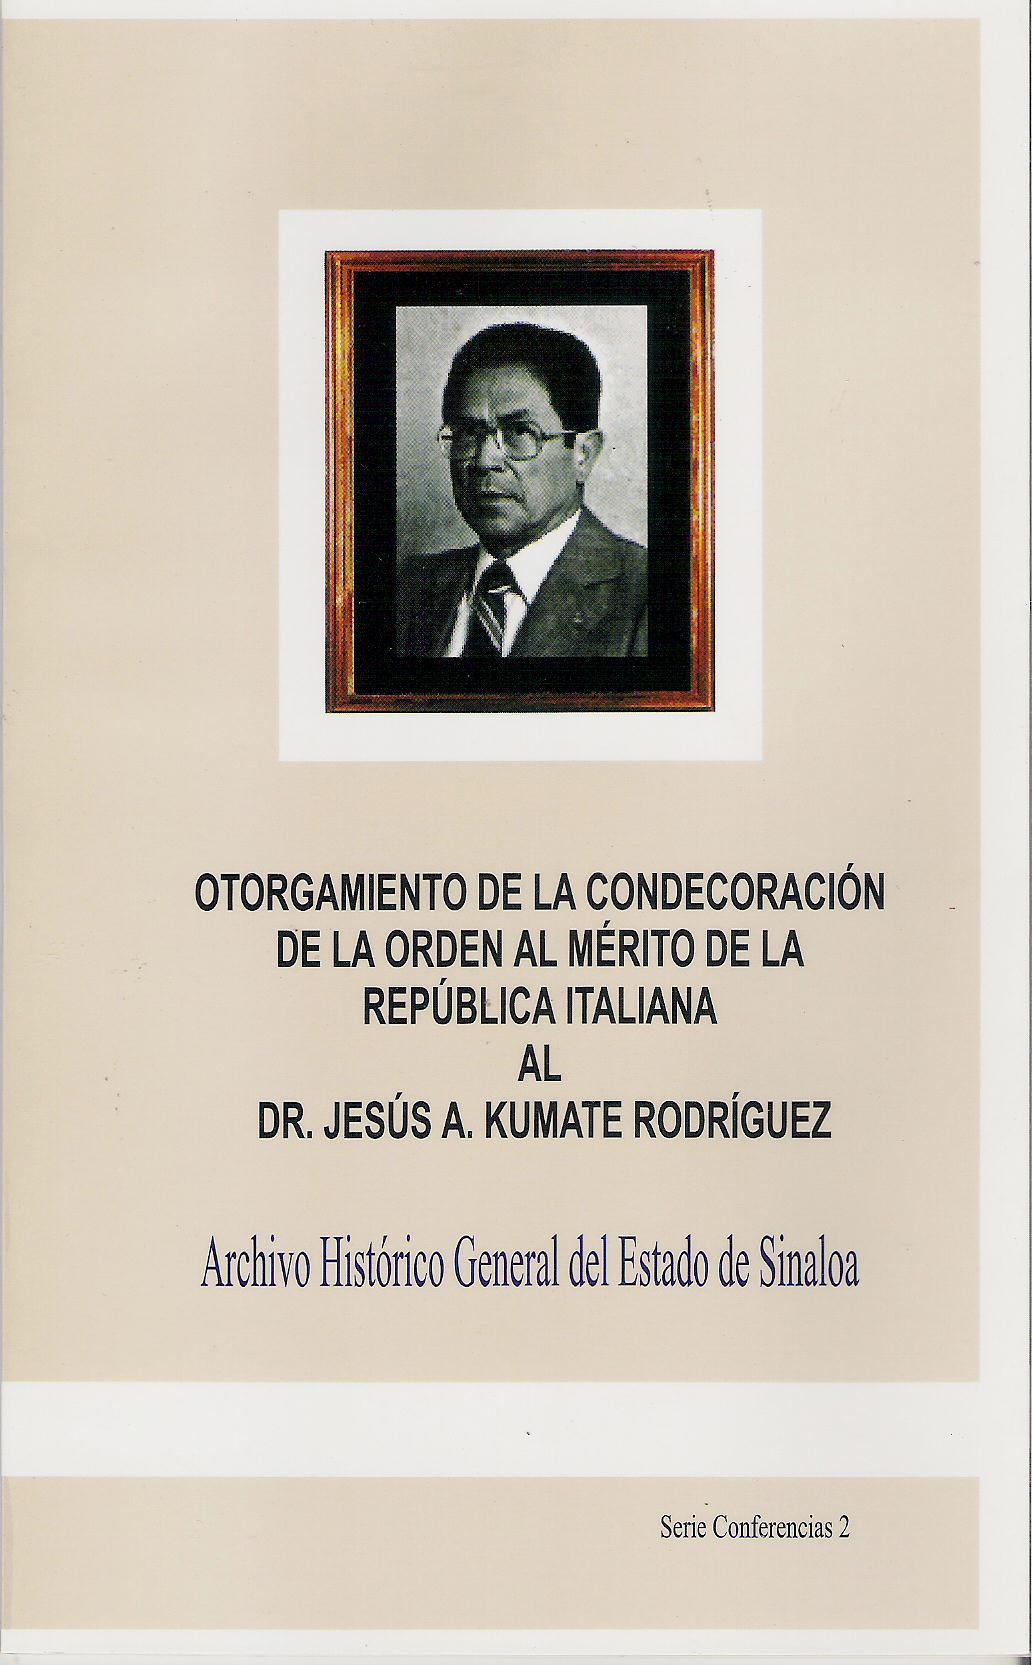 Otorgamiento de la condecoraci¢n de la Orden al M'rito de la Rep£blica Italiana al Dr. Jes£s A. Kumate R.